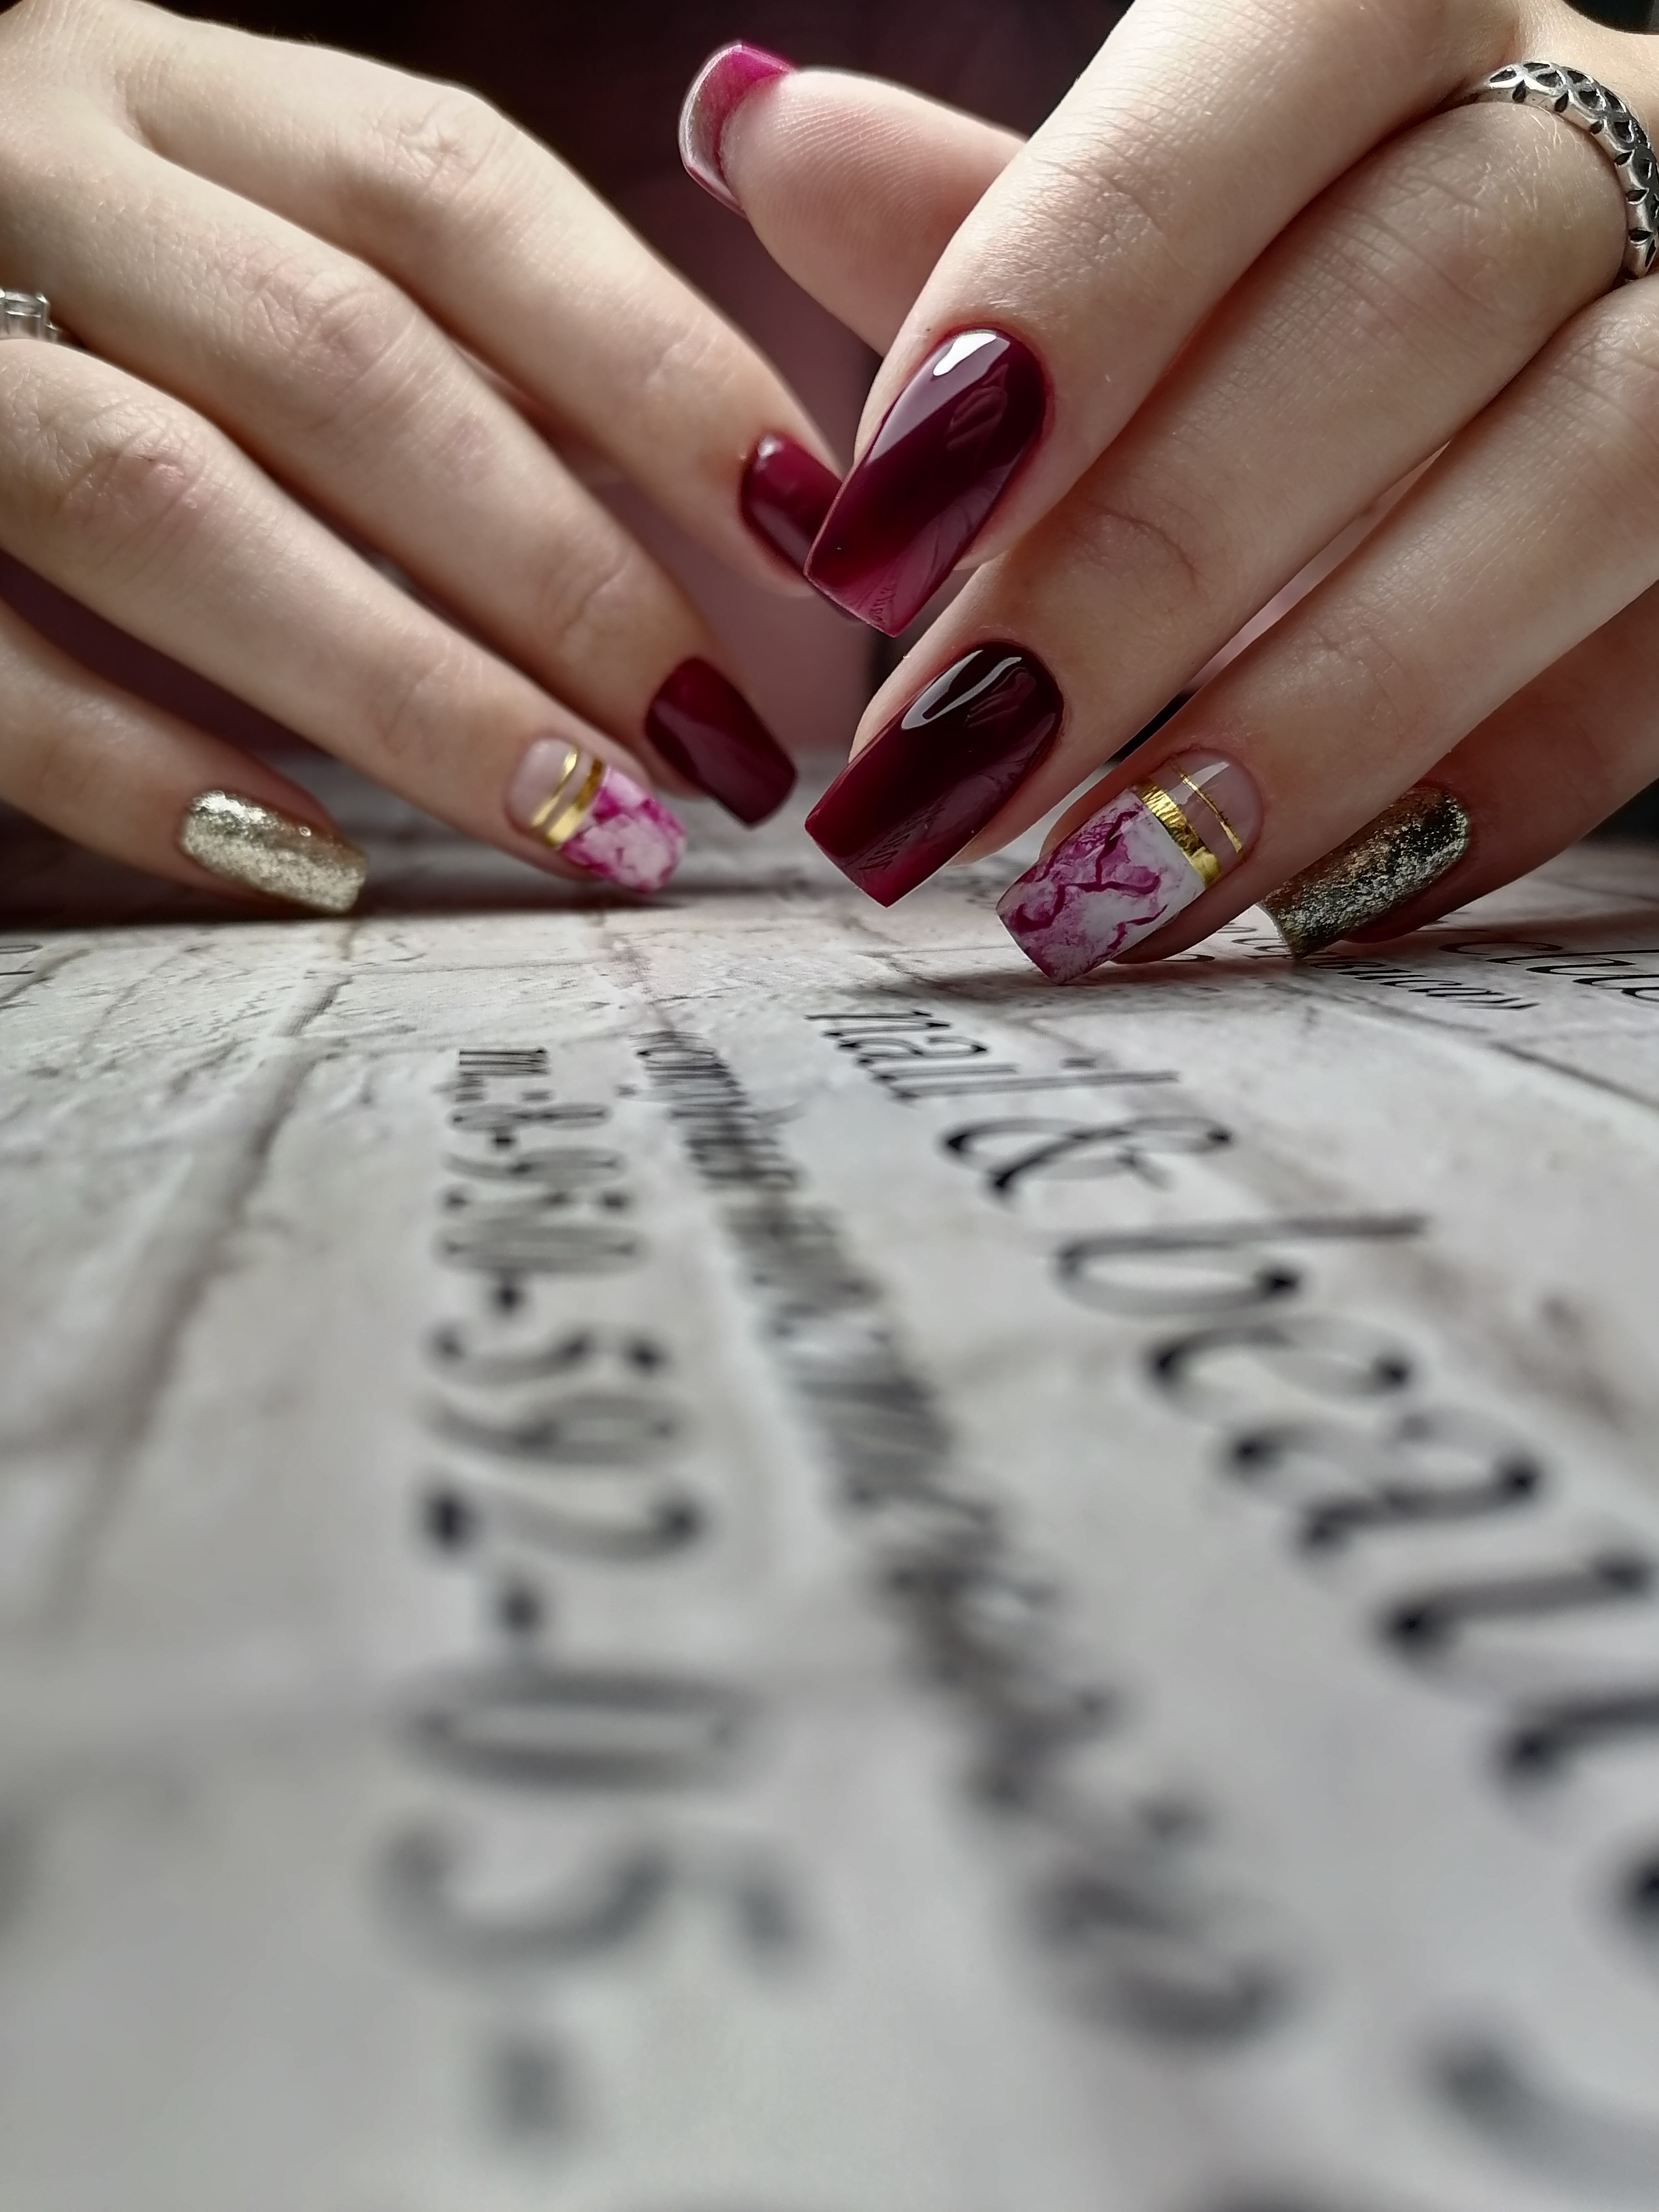 Маникюр с мраморным дизайном, золотыми блестками и полосками в баклажановом цвете на длинные ногти.